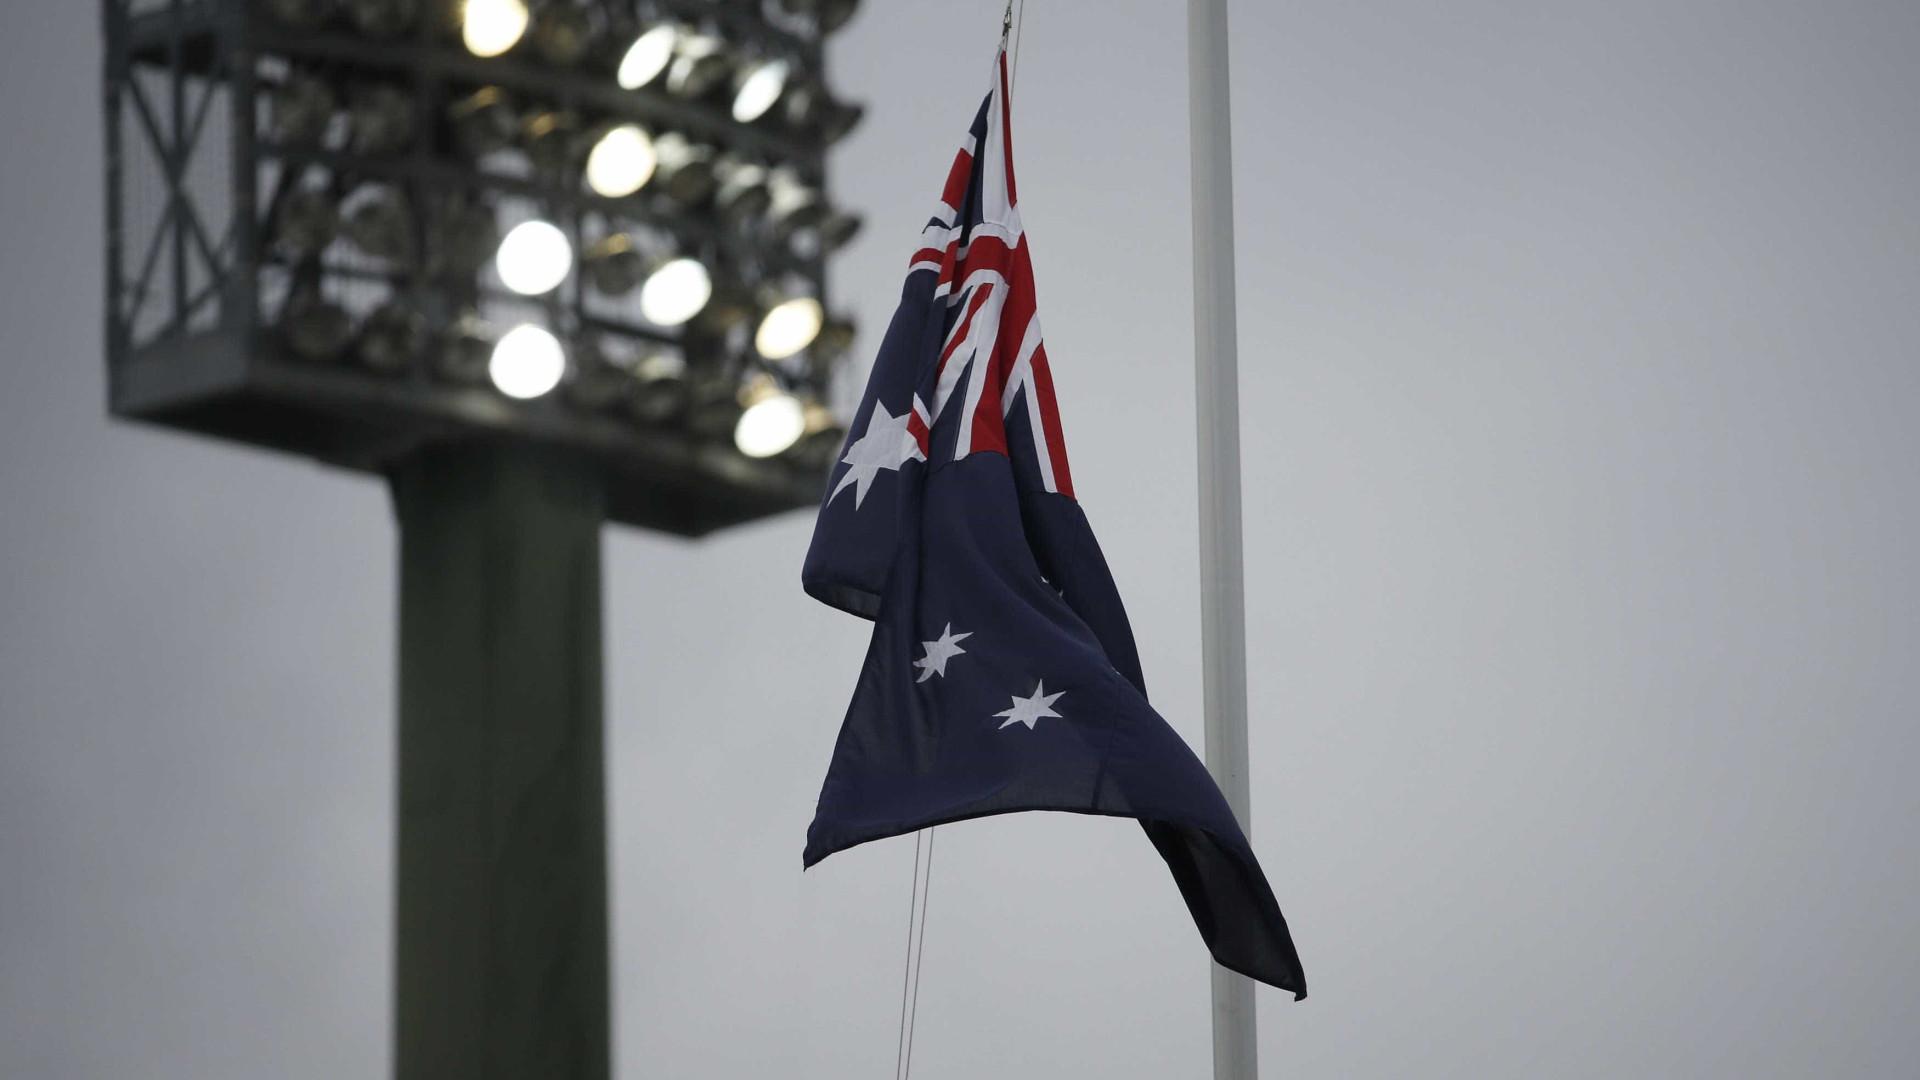 Austrália promete respeitar lei internacional face a críticas da China